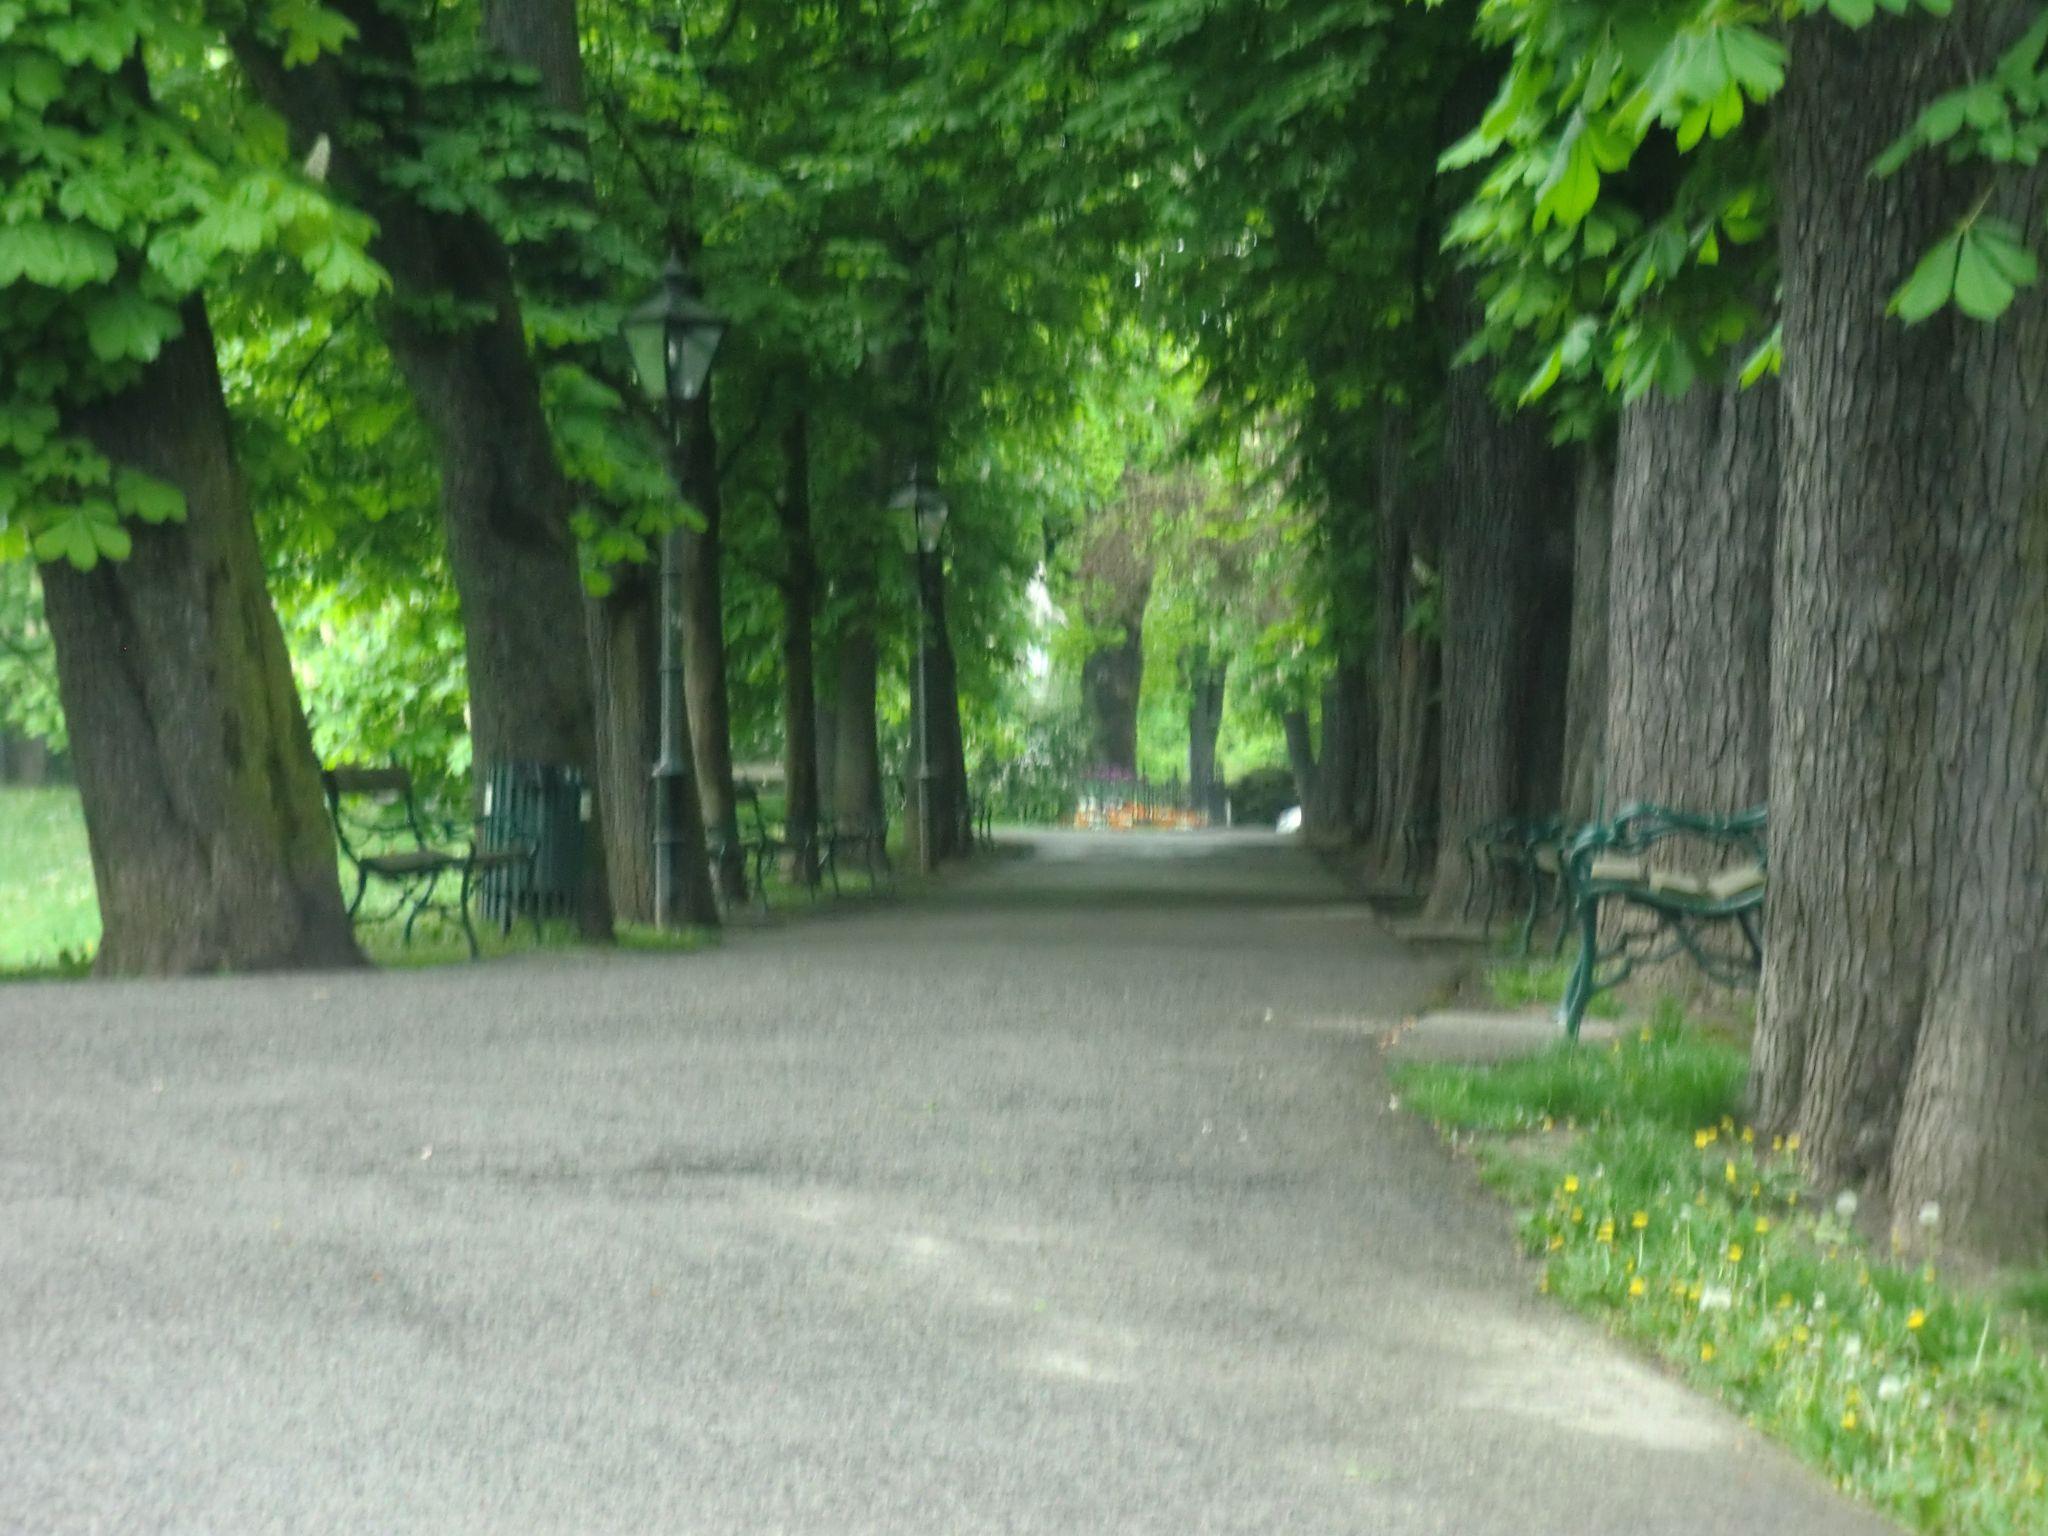 Vienna park 33 1440x1080 - Vienna: elegant beauty